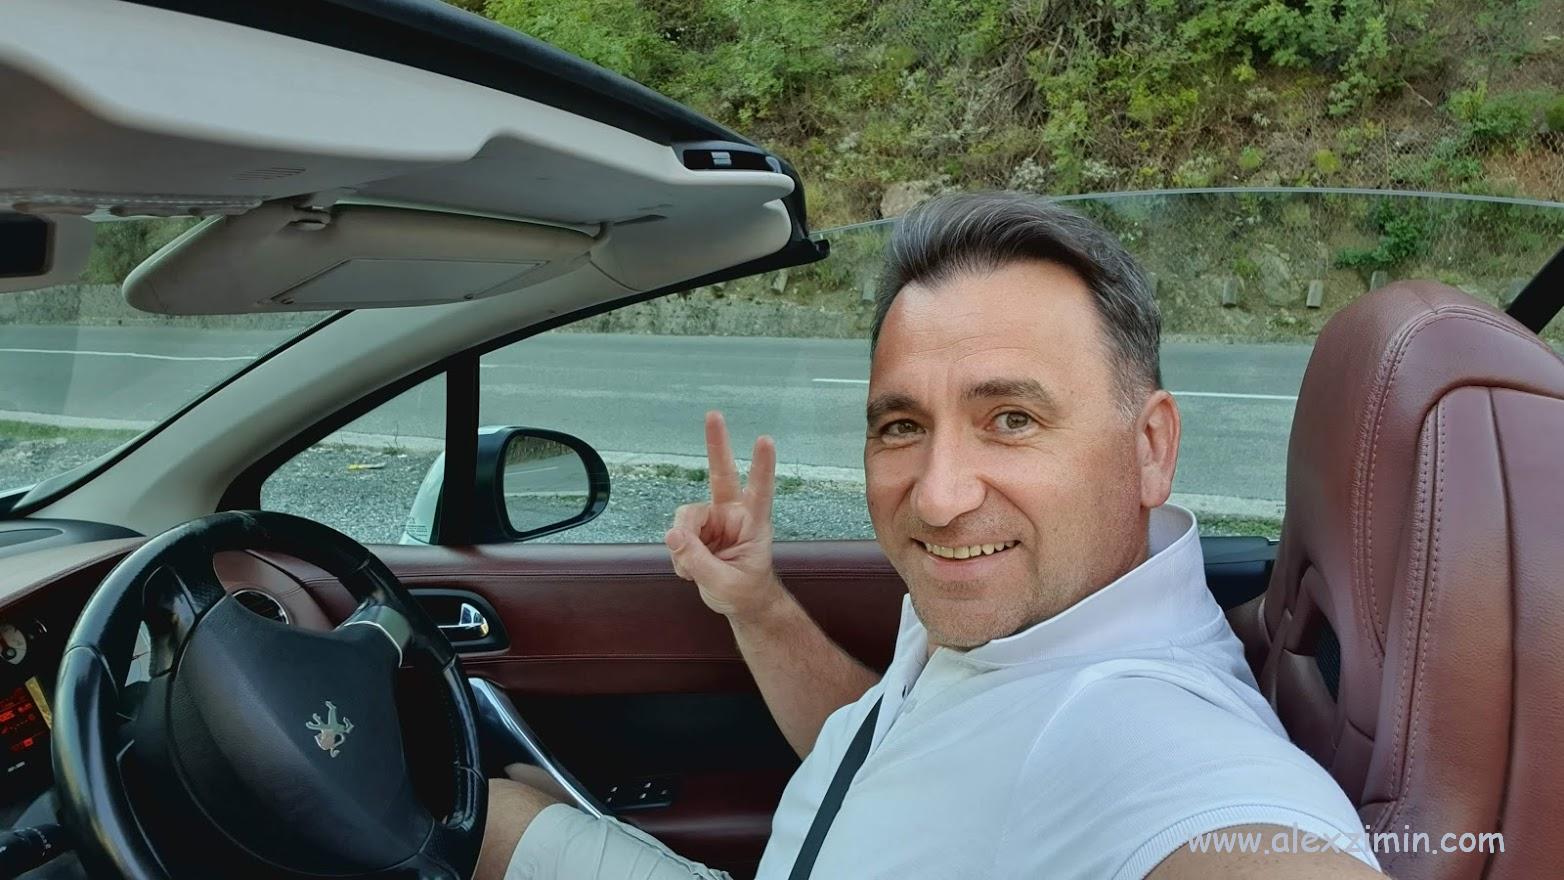 Алексей зимин на арендованном кабриолете в Турции